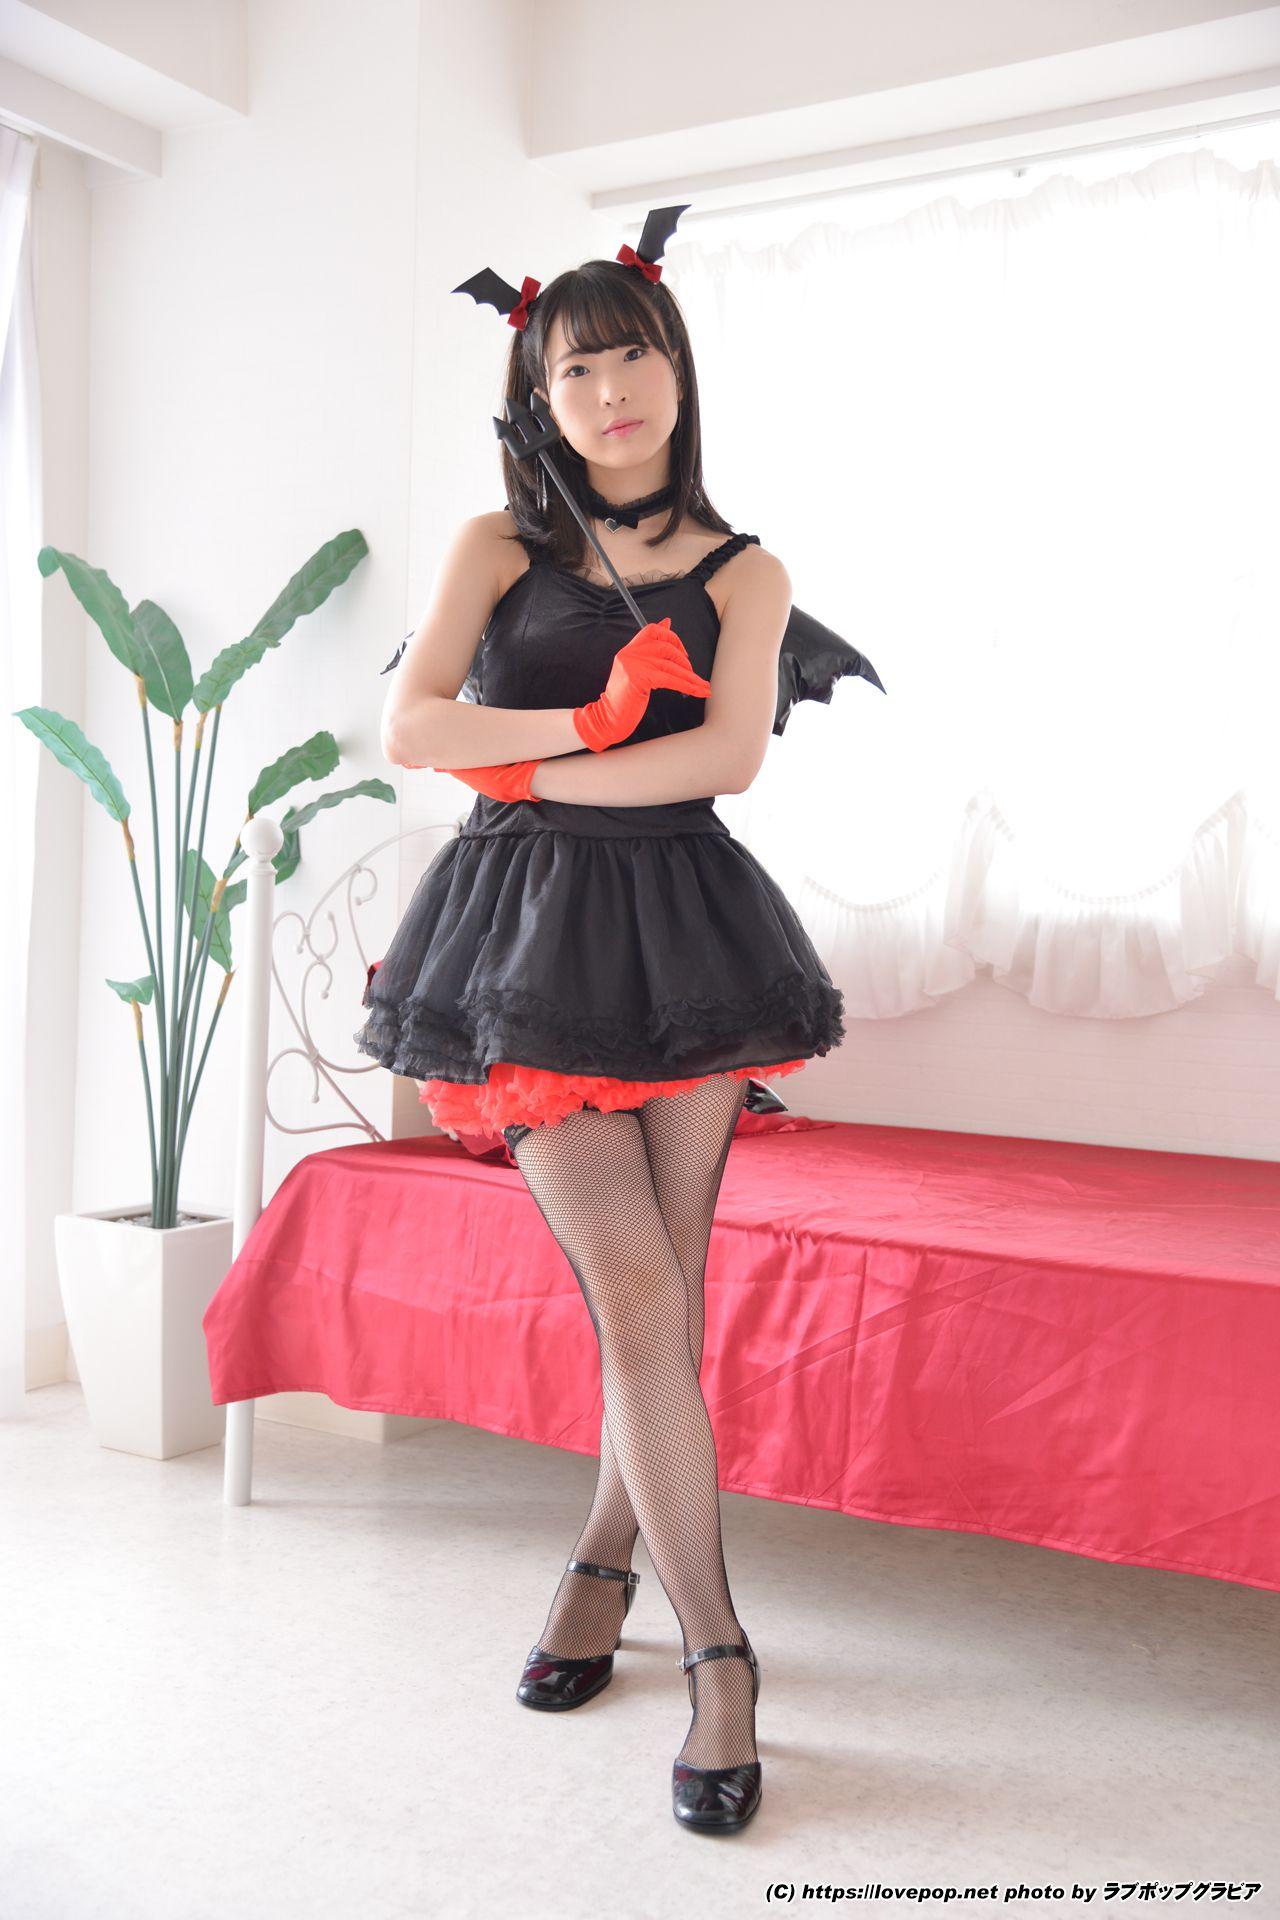 [LOVEPOP] 夏木紫帆 Shiho Natsuki Photoset 06[70P]插图(11)